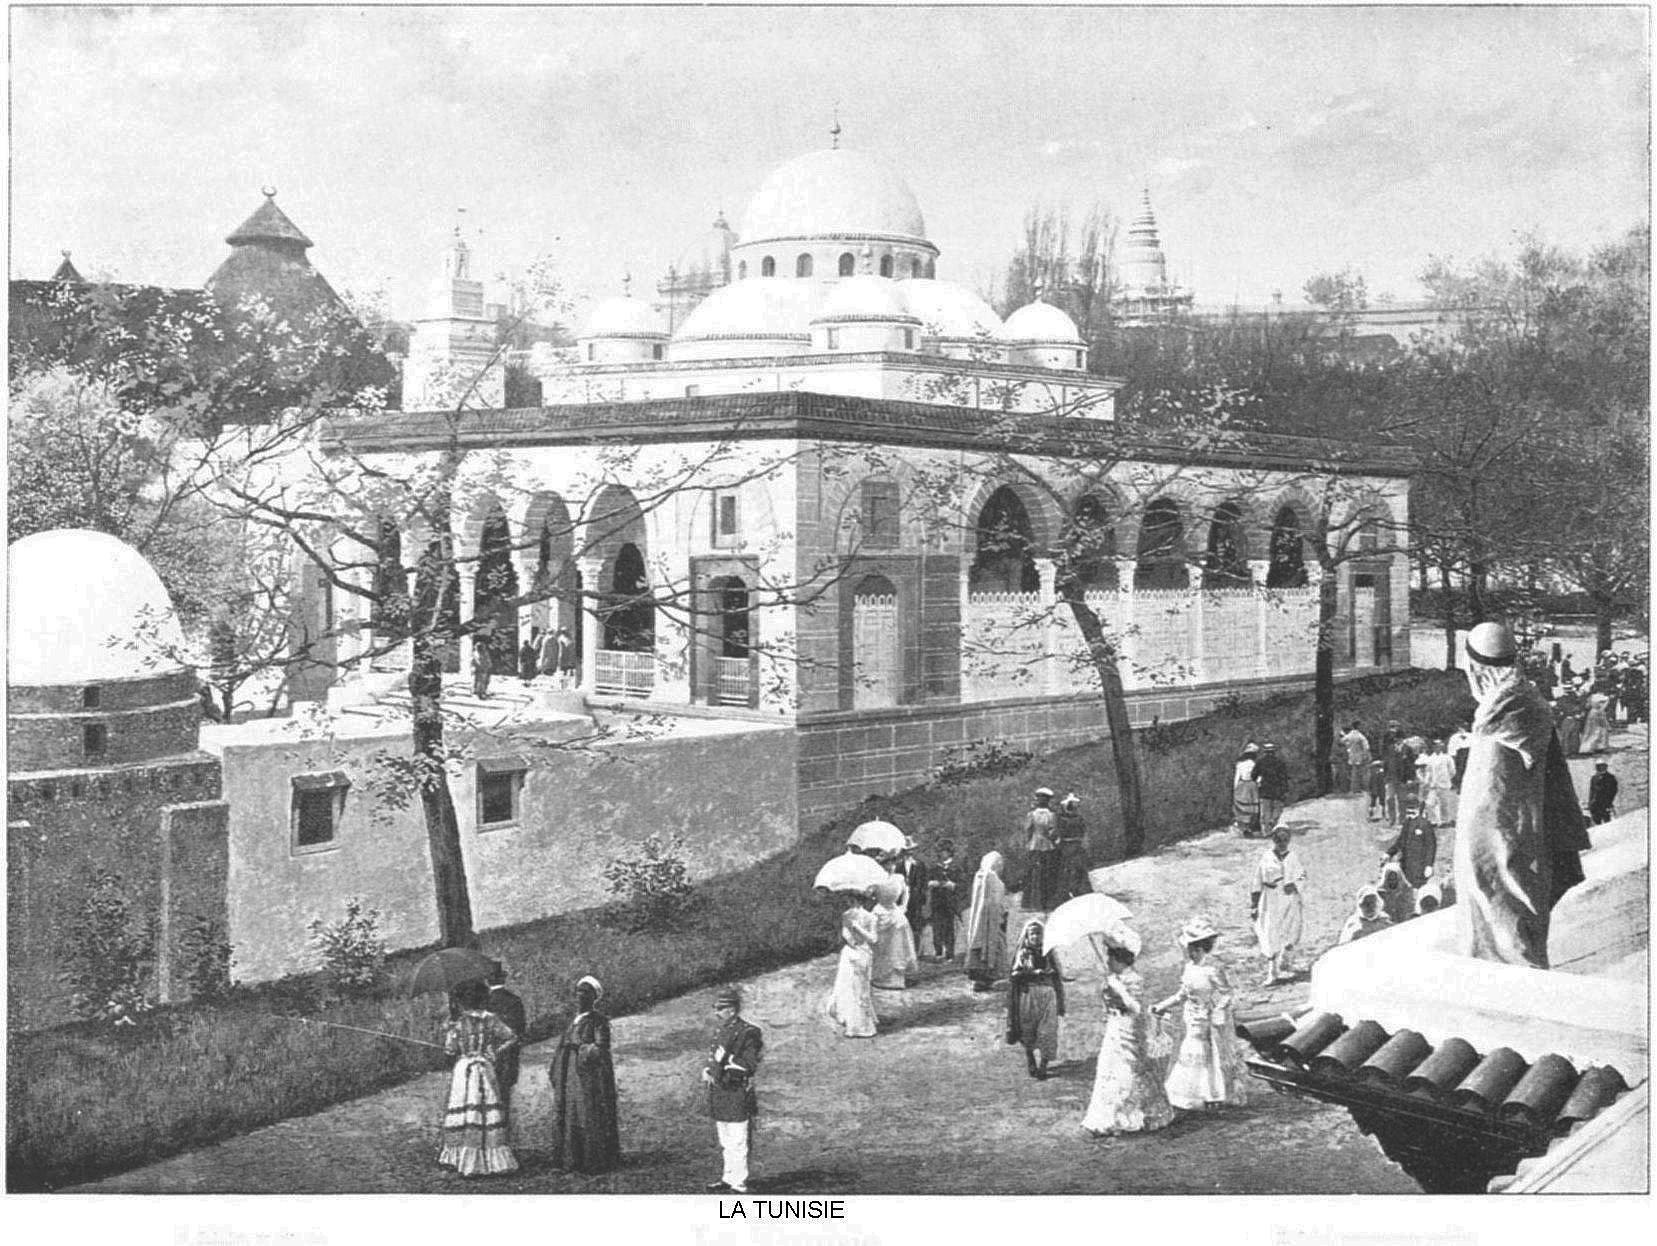 Ressources histoire exposition universelle 1900 la tunisie